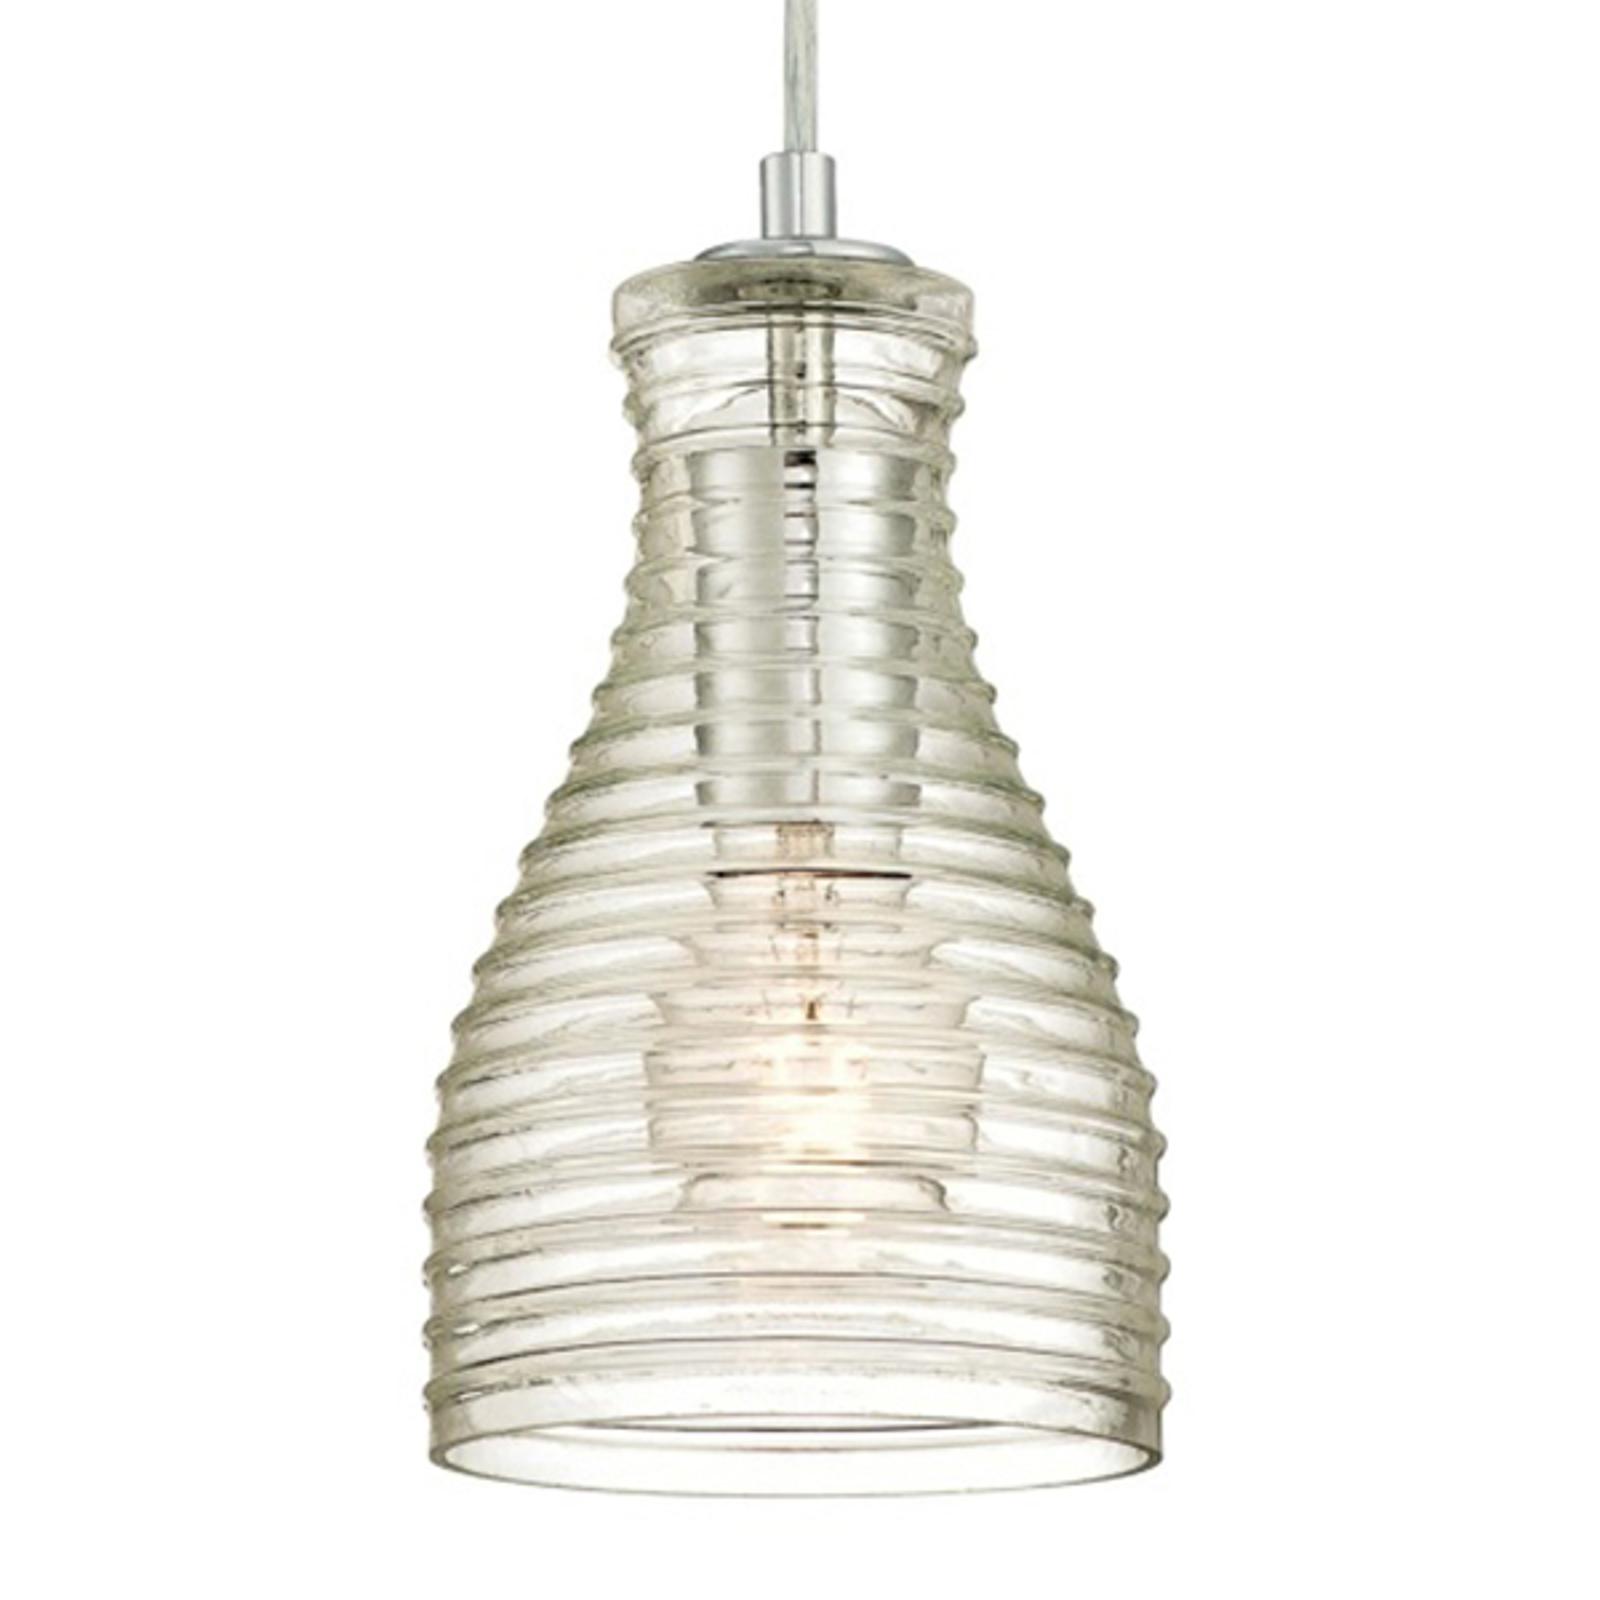 Westinghouse hanglamp 6329240, gegolfd glas